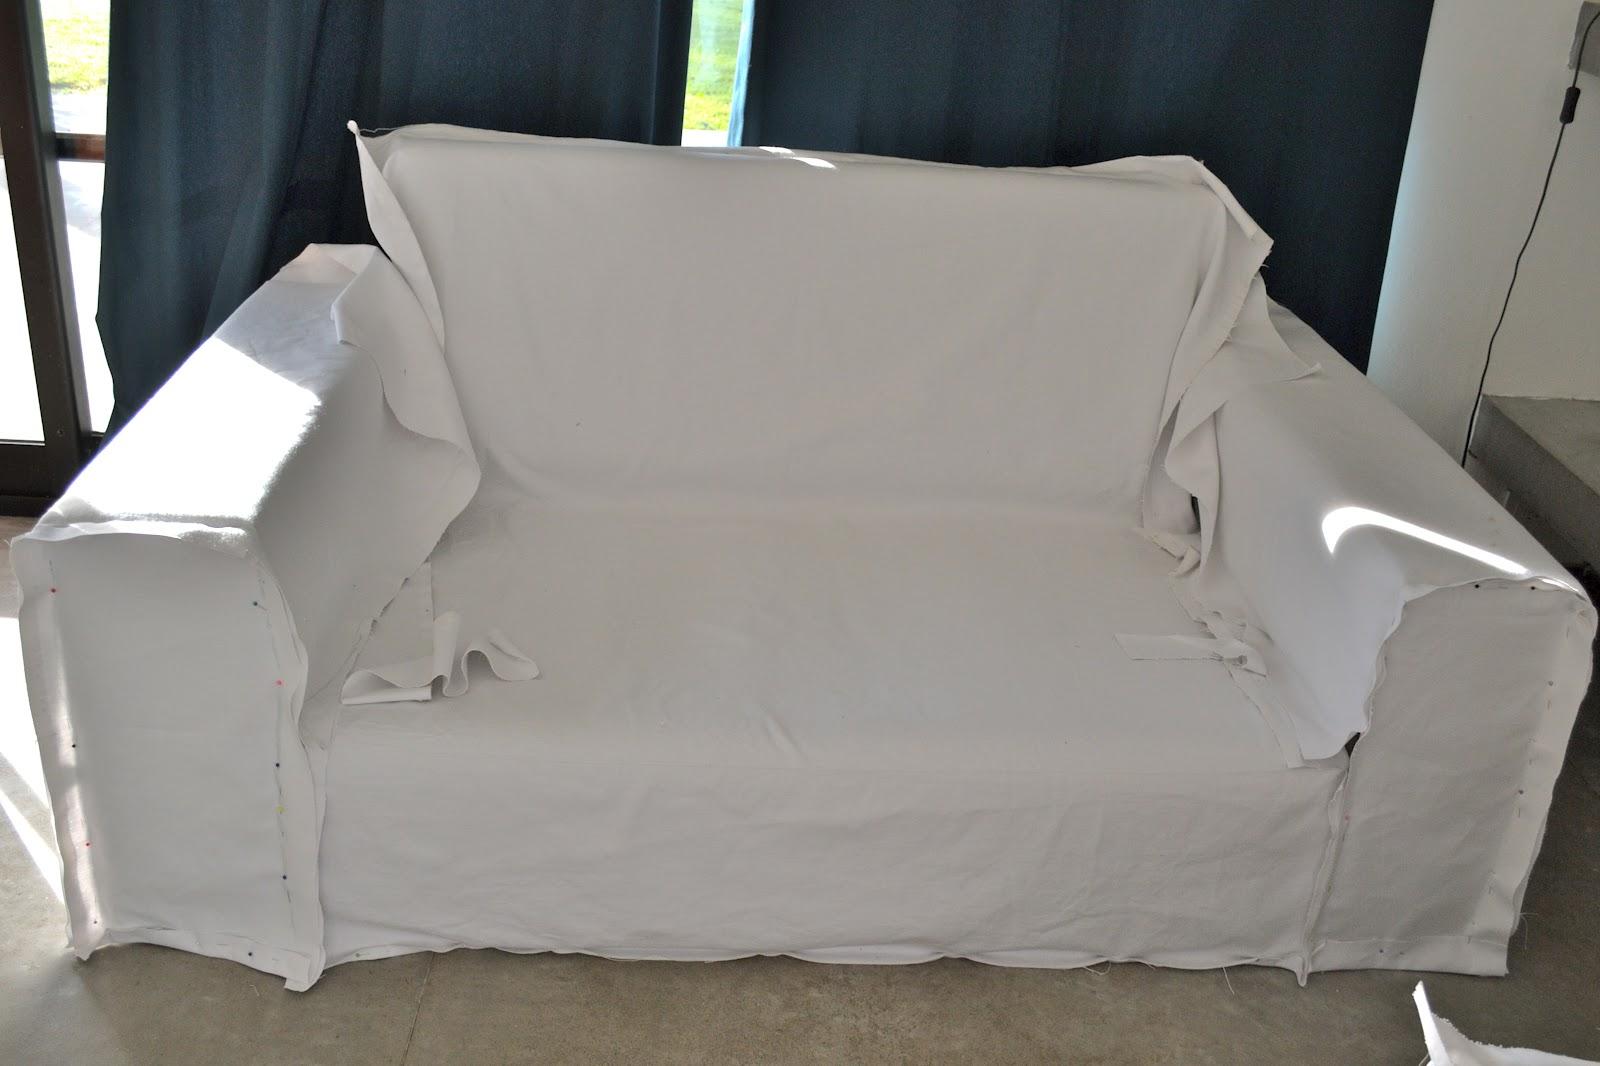 Funda blanca para mi sill n casi tutorial parte 2 lote 93 - Fundas elasticas para sillones ...